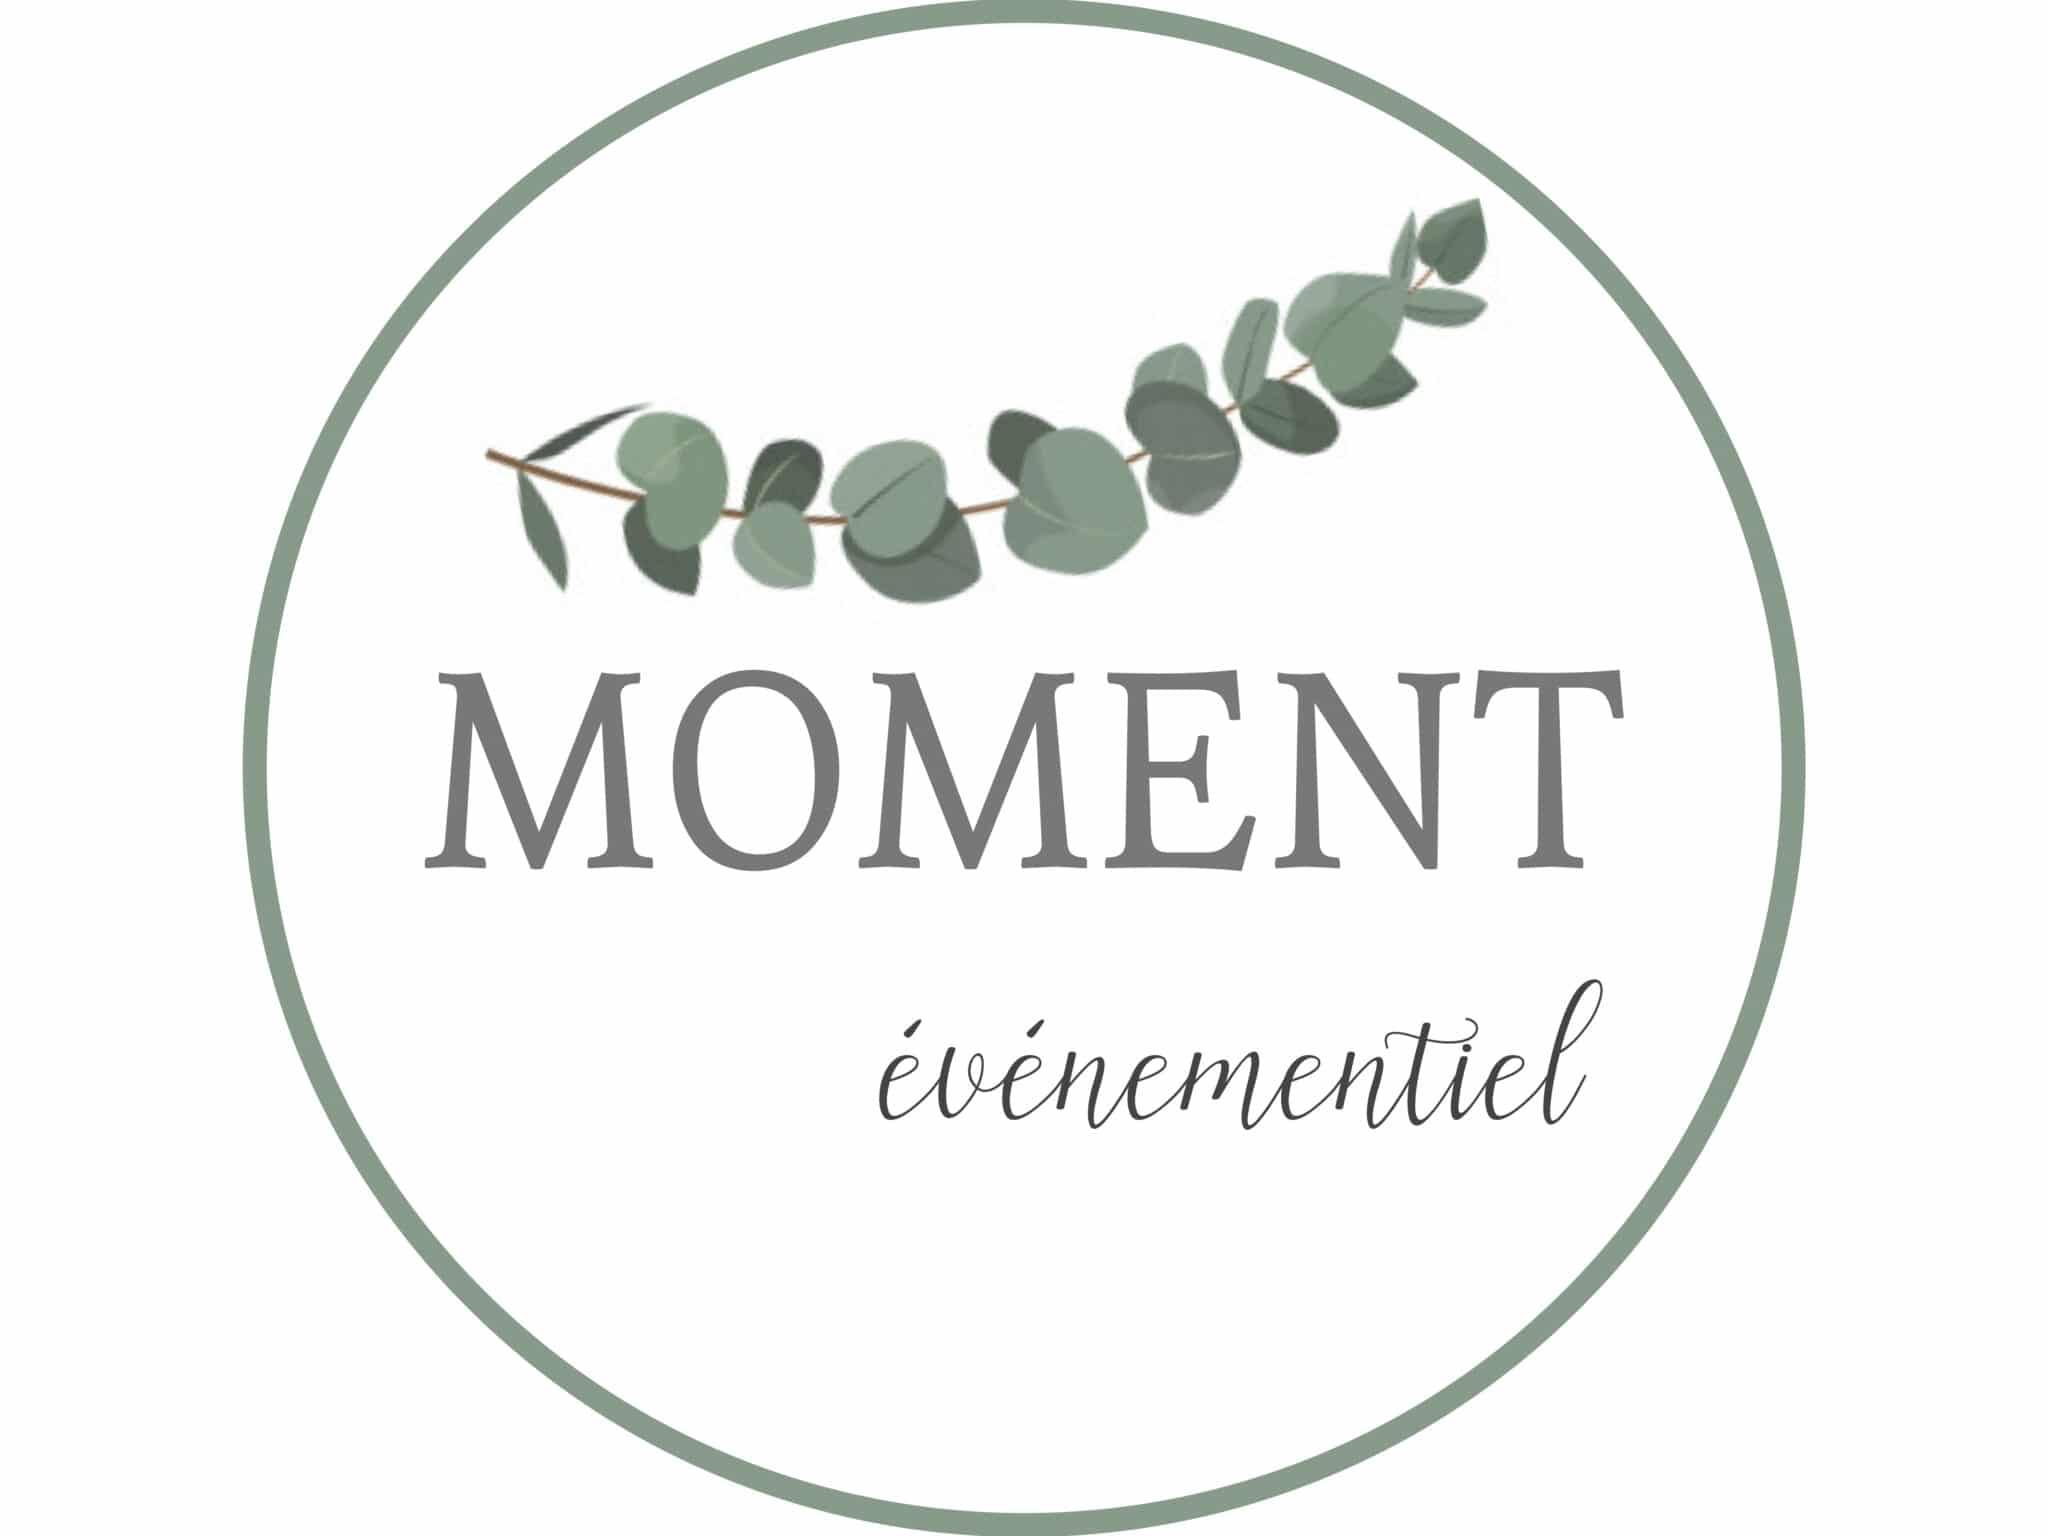 logo moment événementiel